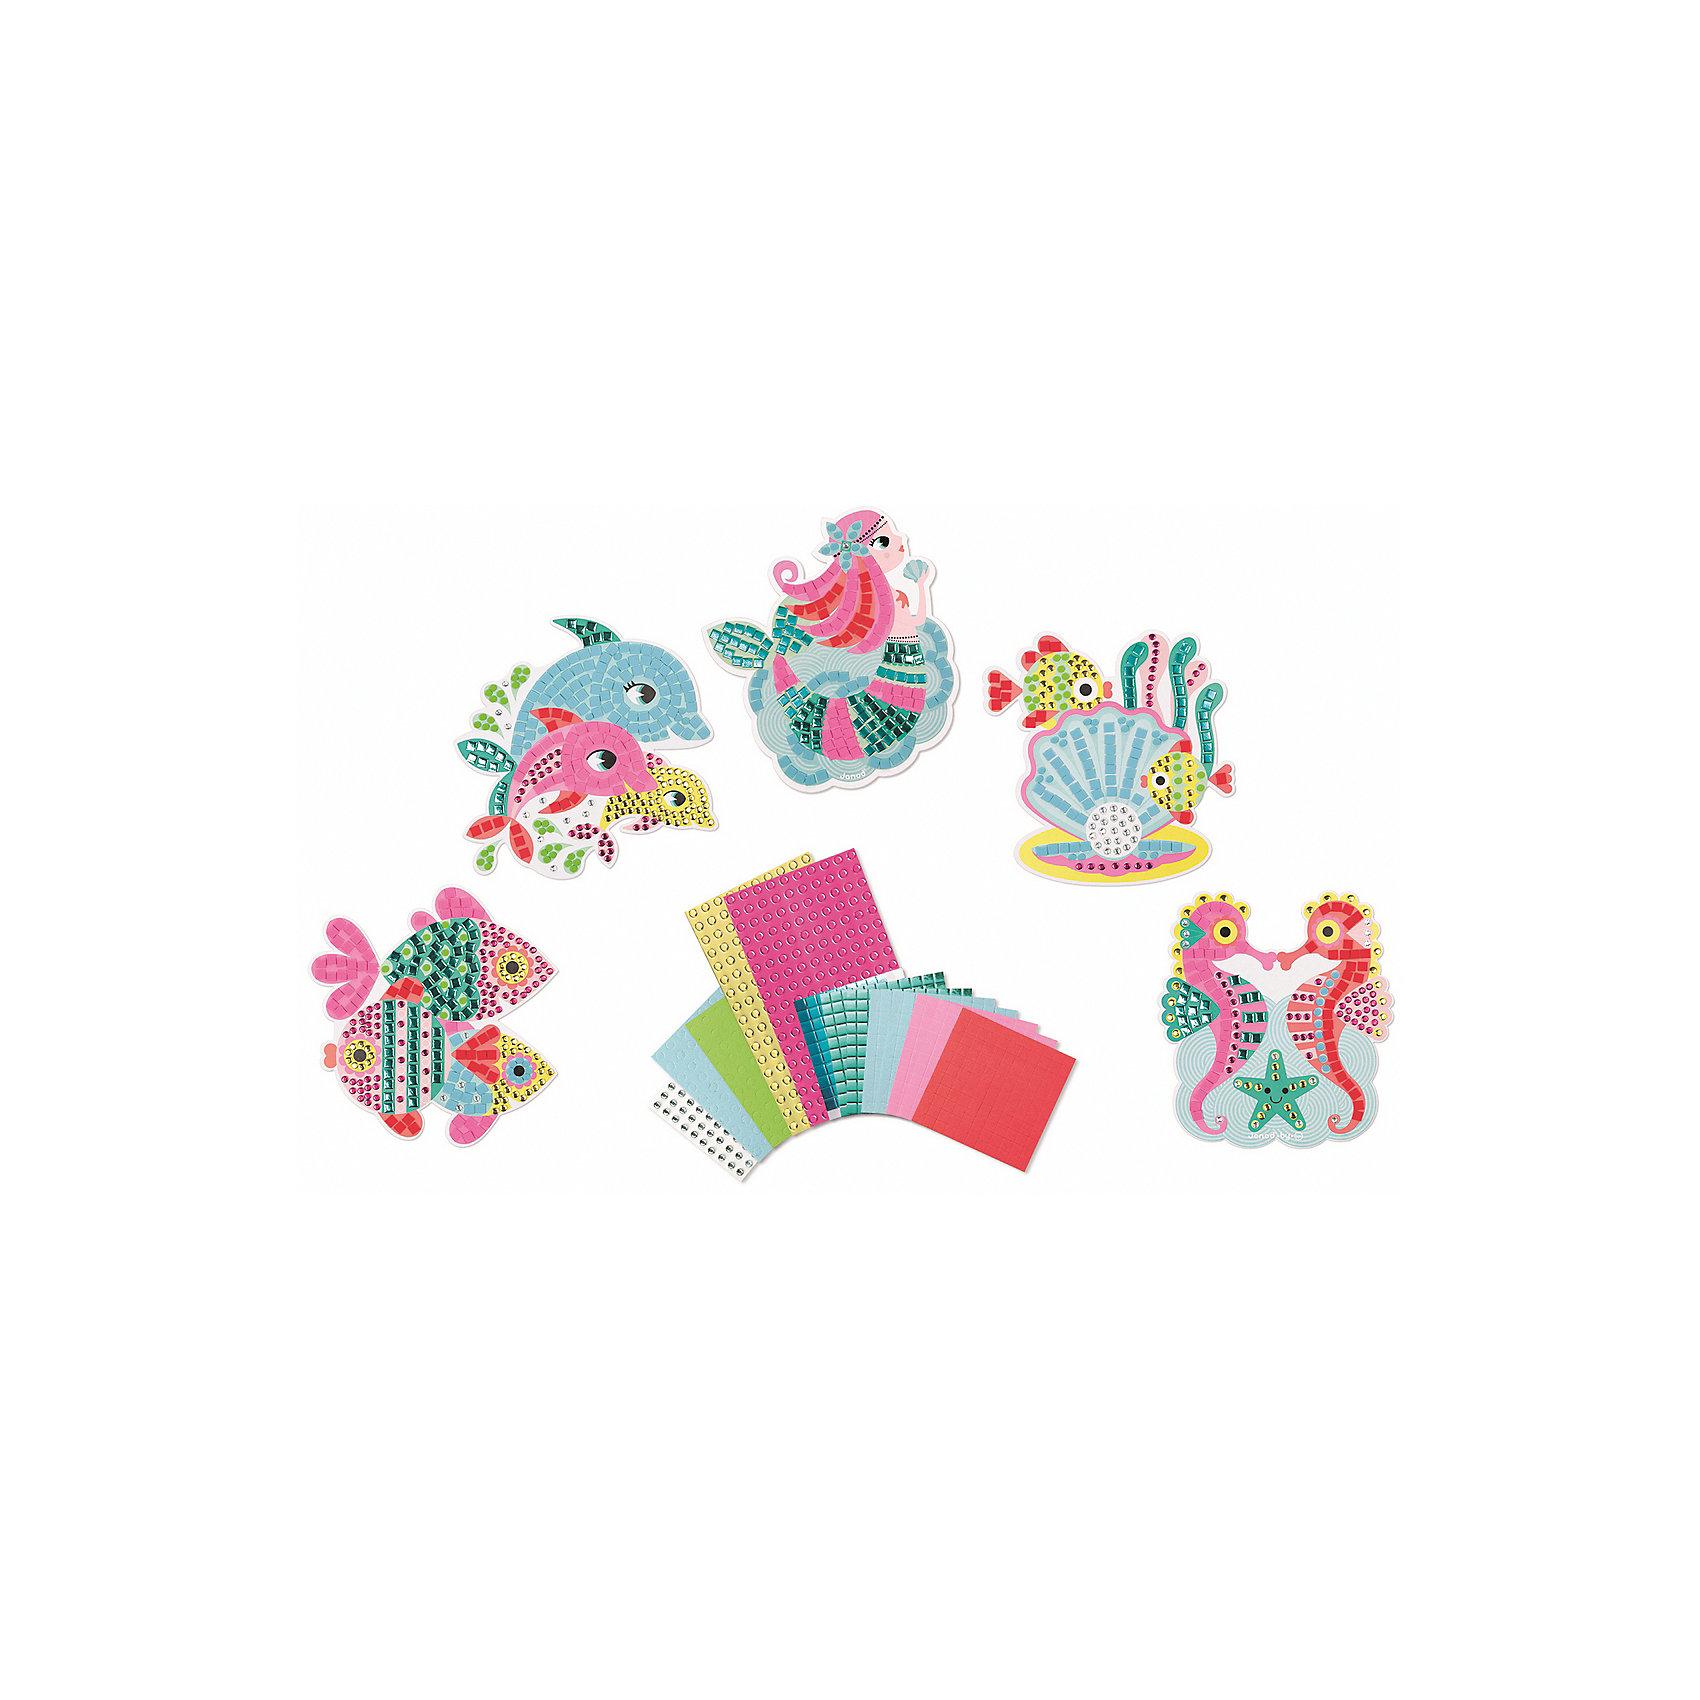 Набор для творчества: самоклеющаяся мозайка Подводное царство, 5 карточекНабор для творчества: самоклеящаяся мозаика Подводное царство, 5 карточек<br>5 пронумерованных цветных заготовок - картинок, 3 листа цветных квадратных наклеек «мозаика» (7x7 мм.), 2 листа цветных круглых наклеек «мозайка» (? 5 мм.), 2 листа цветных, блестящих, квадратных наклеек «мозаика» (7x7 мм.), 2 листа цветных, блестящих круглых наклеек «мозайка» (? 5 мм.), 1 лист с круглыми разноцветными наклейками-стразами (? 6 мм.), 1 удобный чемоданчик для хранения.<br>Цветной буклет - инструкция на русском языке входит в состав всех наборов для творчества<br><br>Ширина мм: 26<br>Глубина мм: 21<br>Высота мм: 4<br>Вес г: 600<br>Возраст от месяцев: 48<br>Возраст до месяцев: 2147483647<br>Пол: Унисекс<br>Возраст: Детский<br>SKU: 4871830